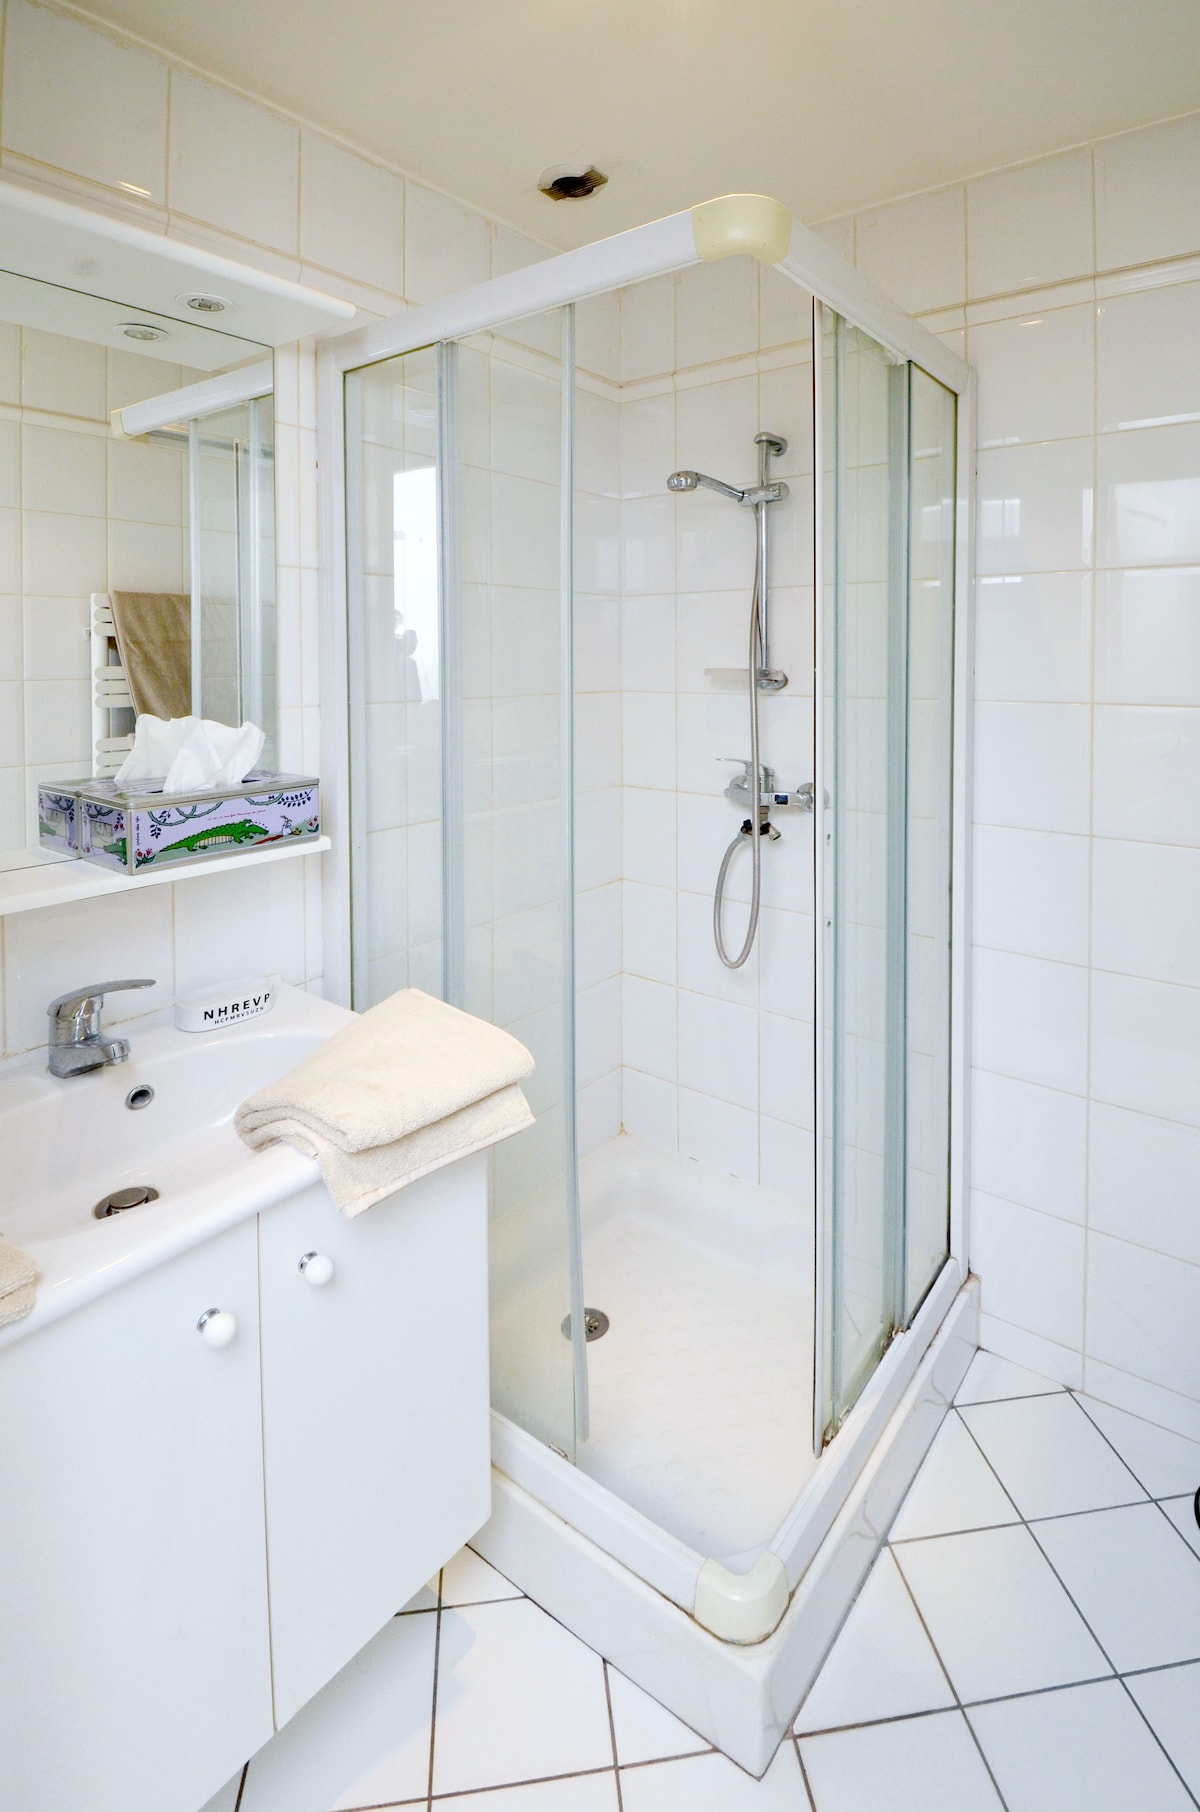 The bathroom !